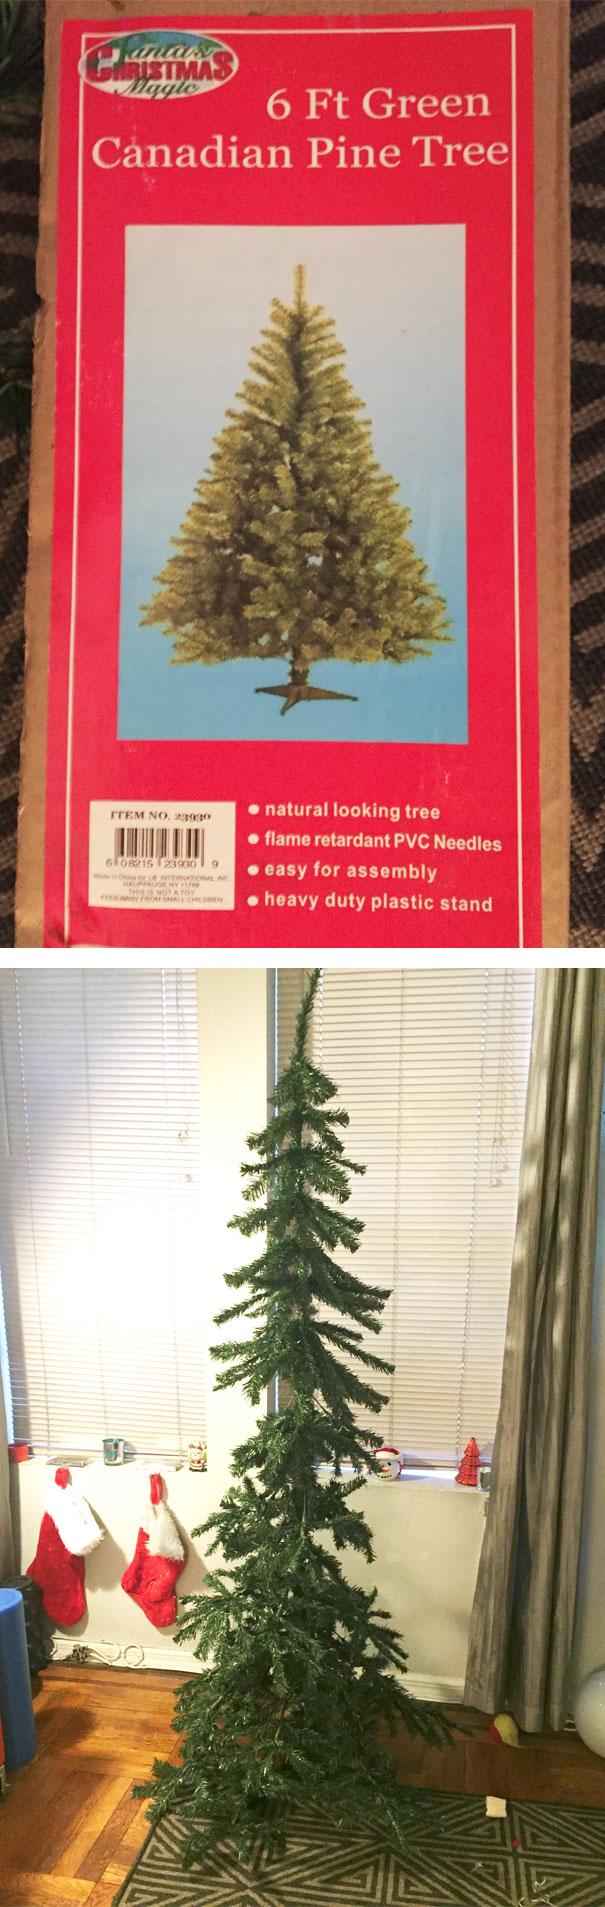 канадская искусственная елка